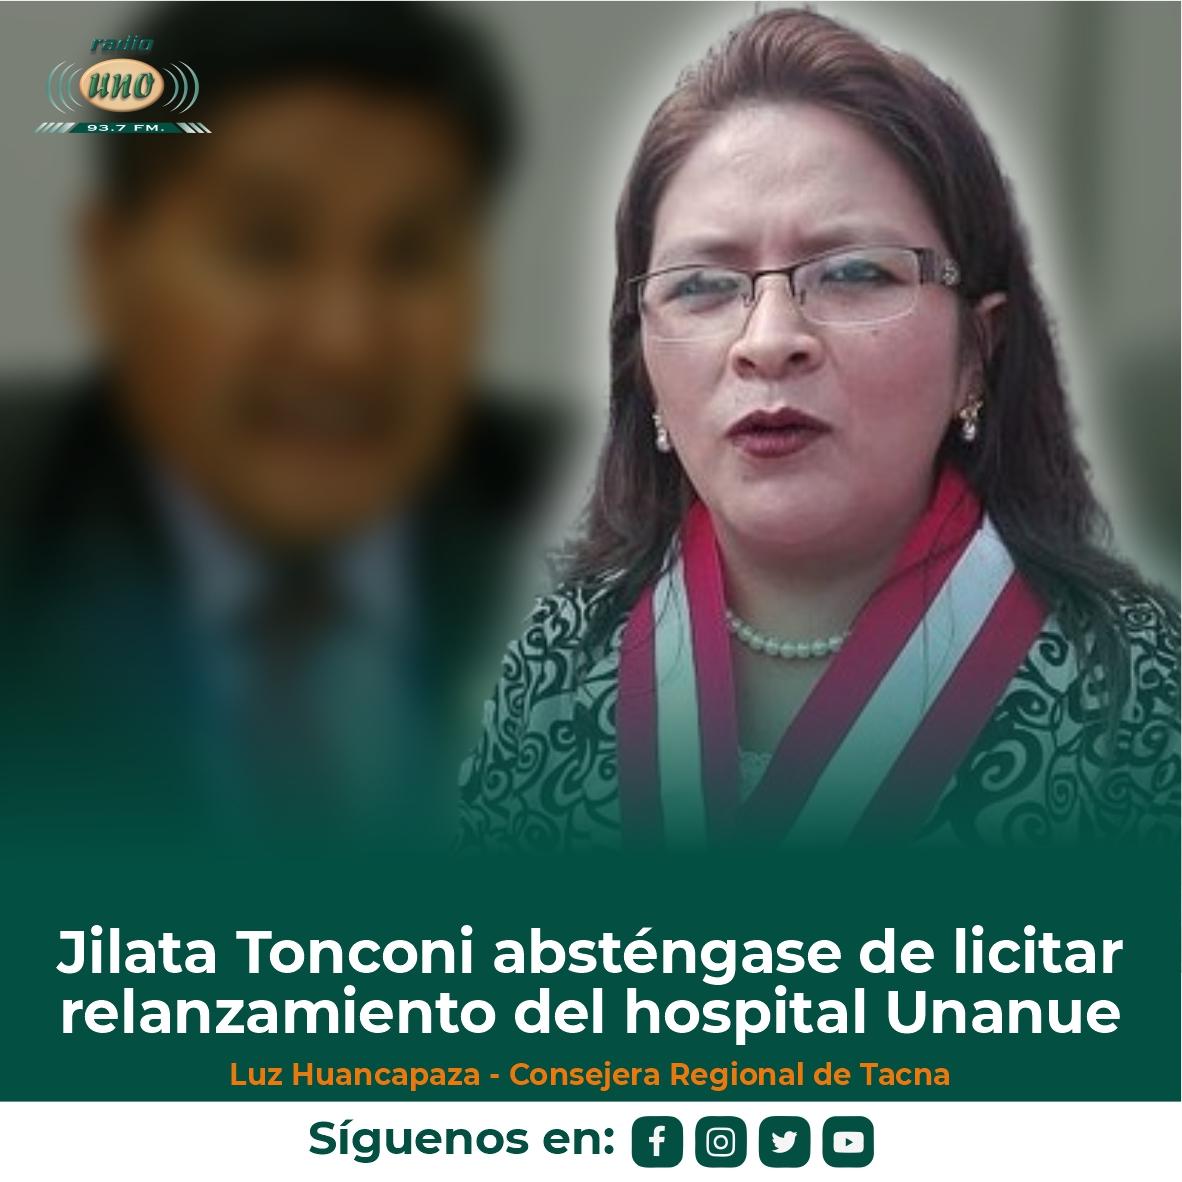 Jilata Tonconi absténgase de licitar relanzamiento del hospital Unanue